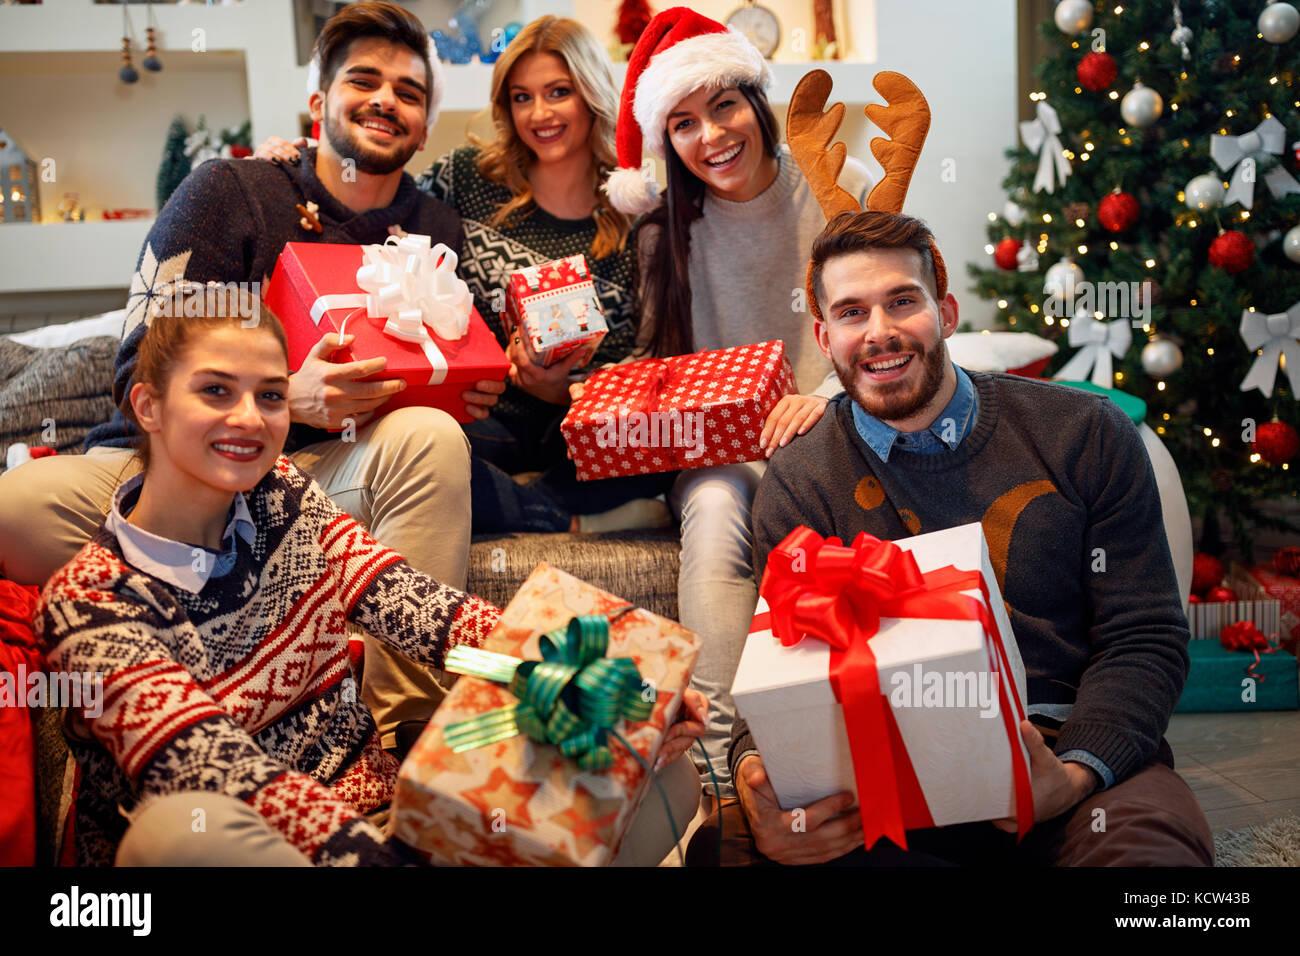 Weihnachten, Feiertage, Glück und Personen Konzept - Glücklich ...